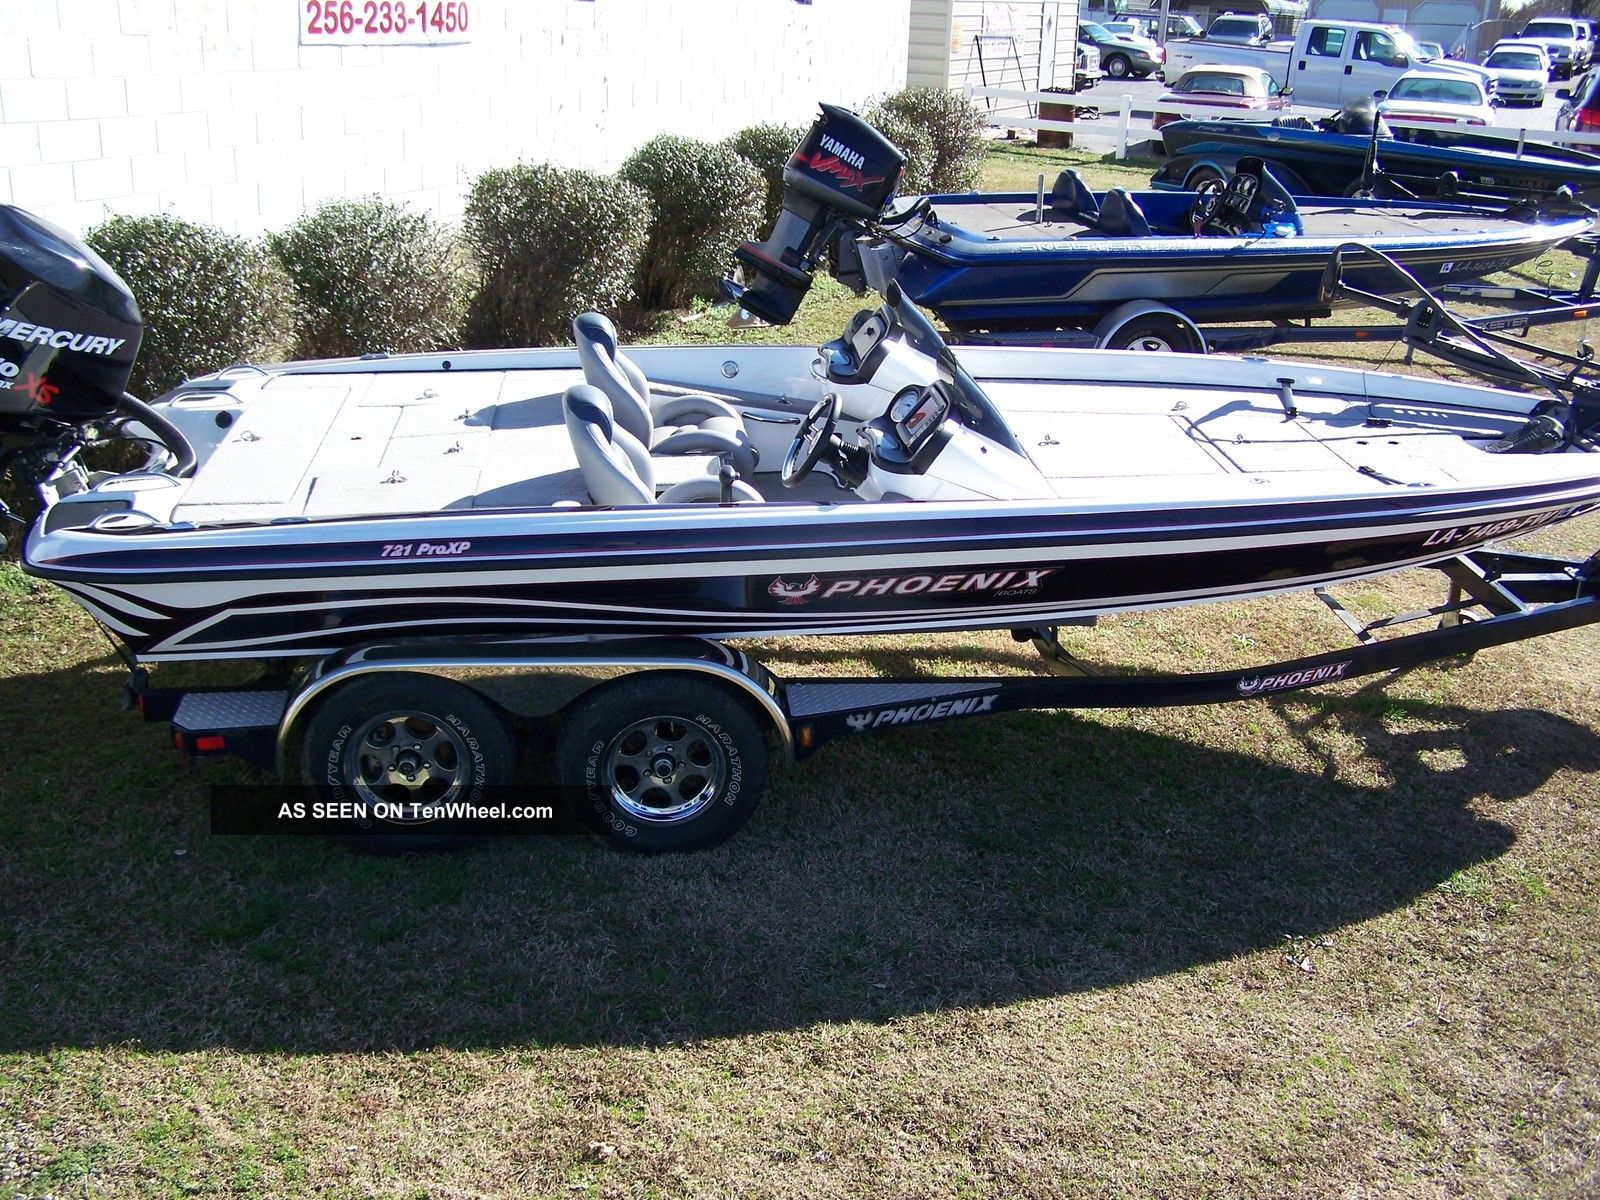 2009 Phoenix 721 Pro Xp Bass Fishing Boats photo